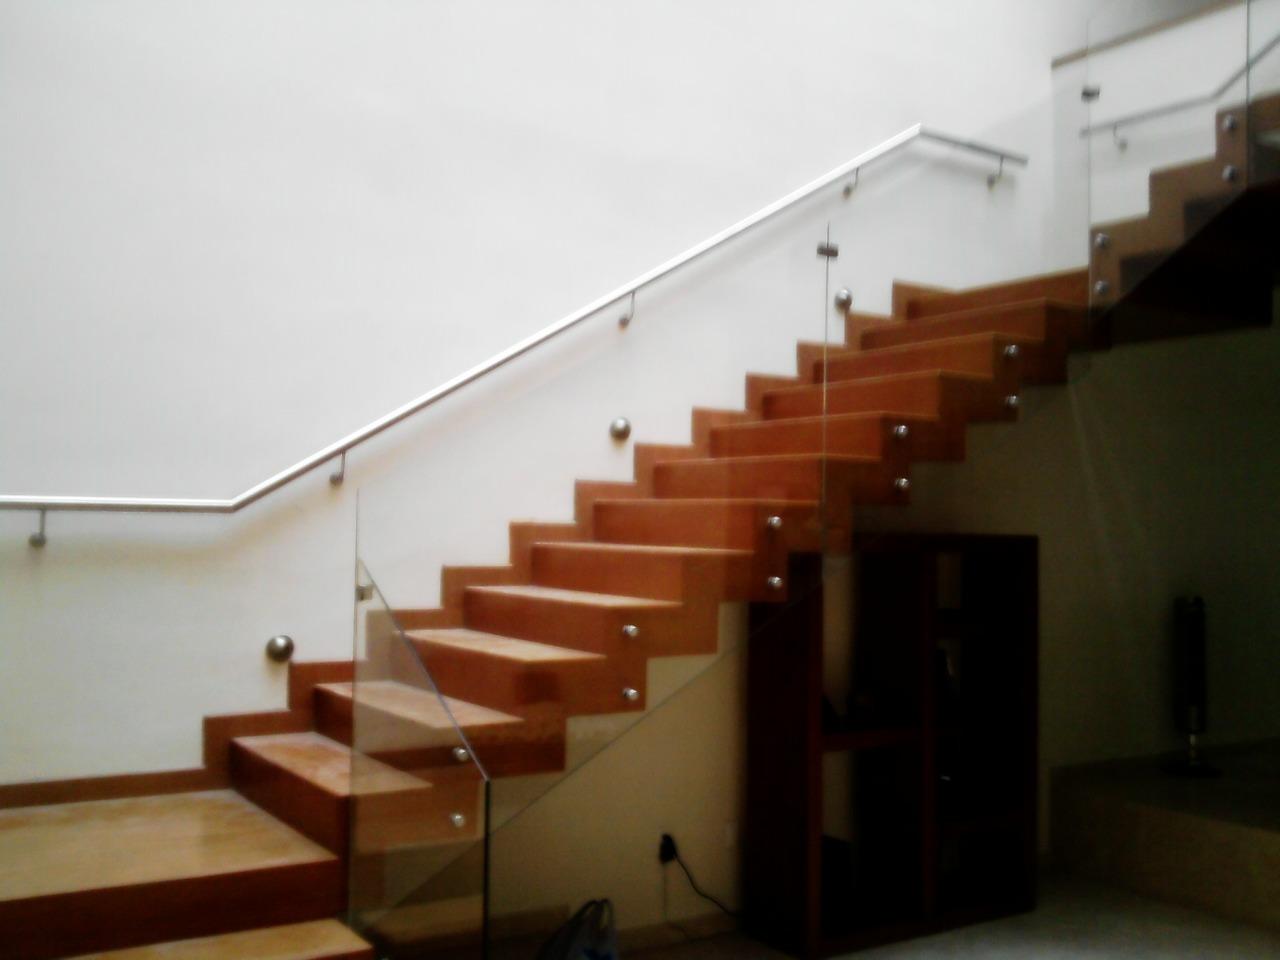 Spa dise o guadalajara - Escaleras de cristal templado ...